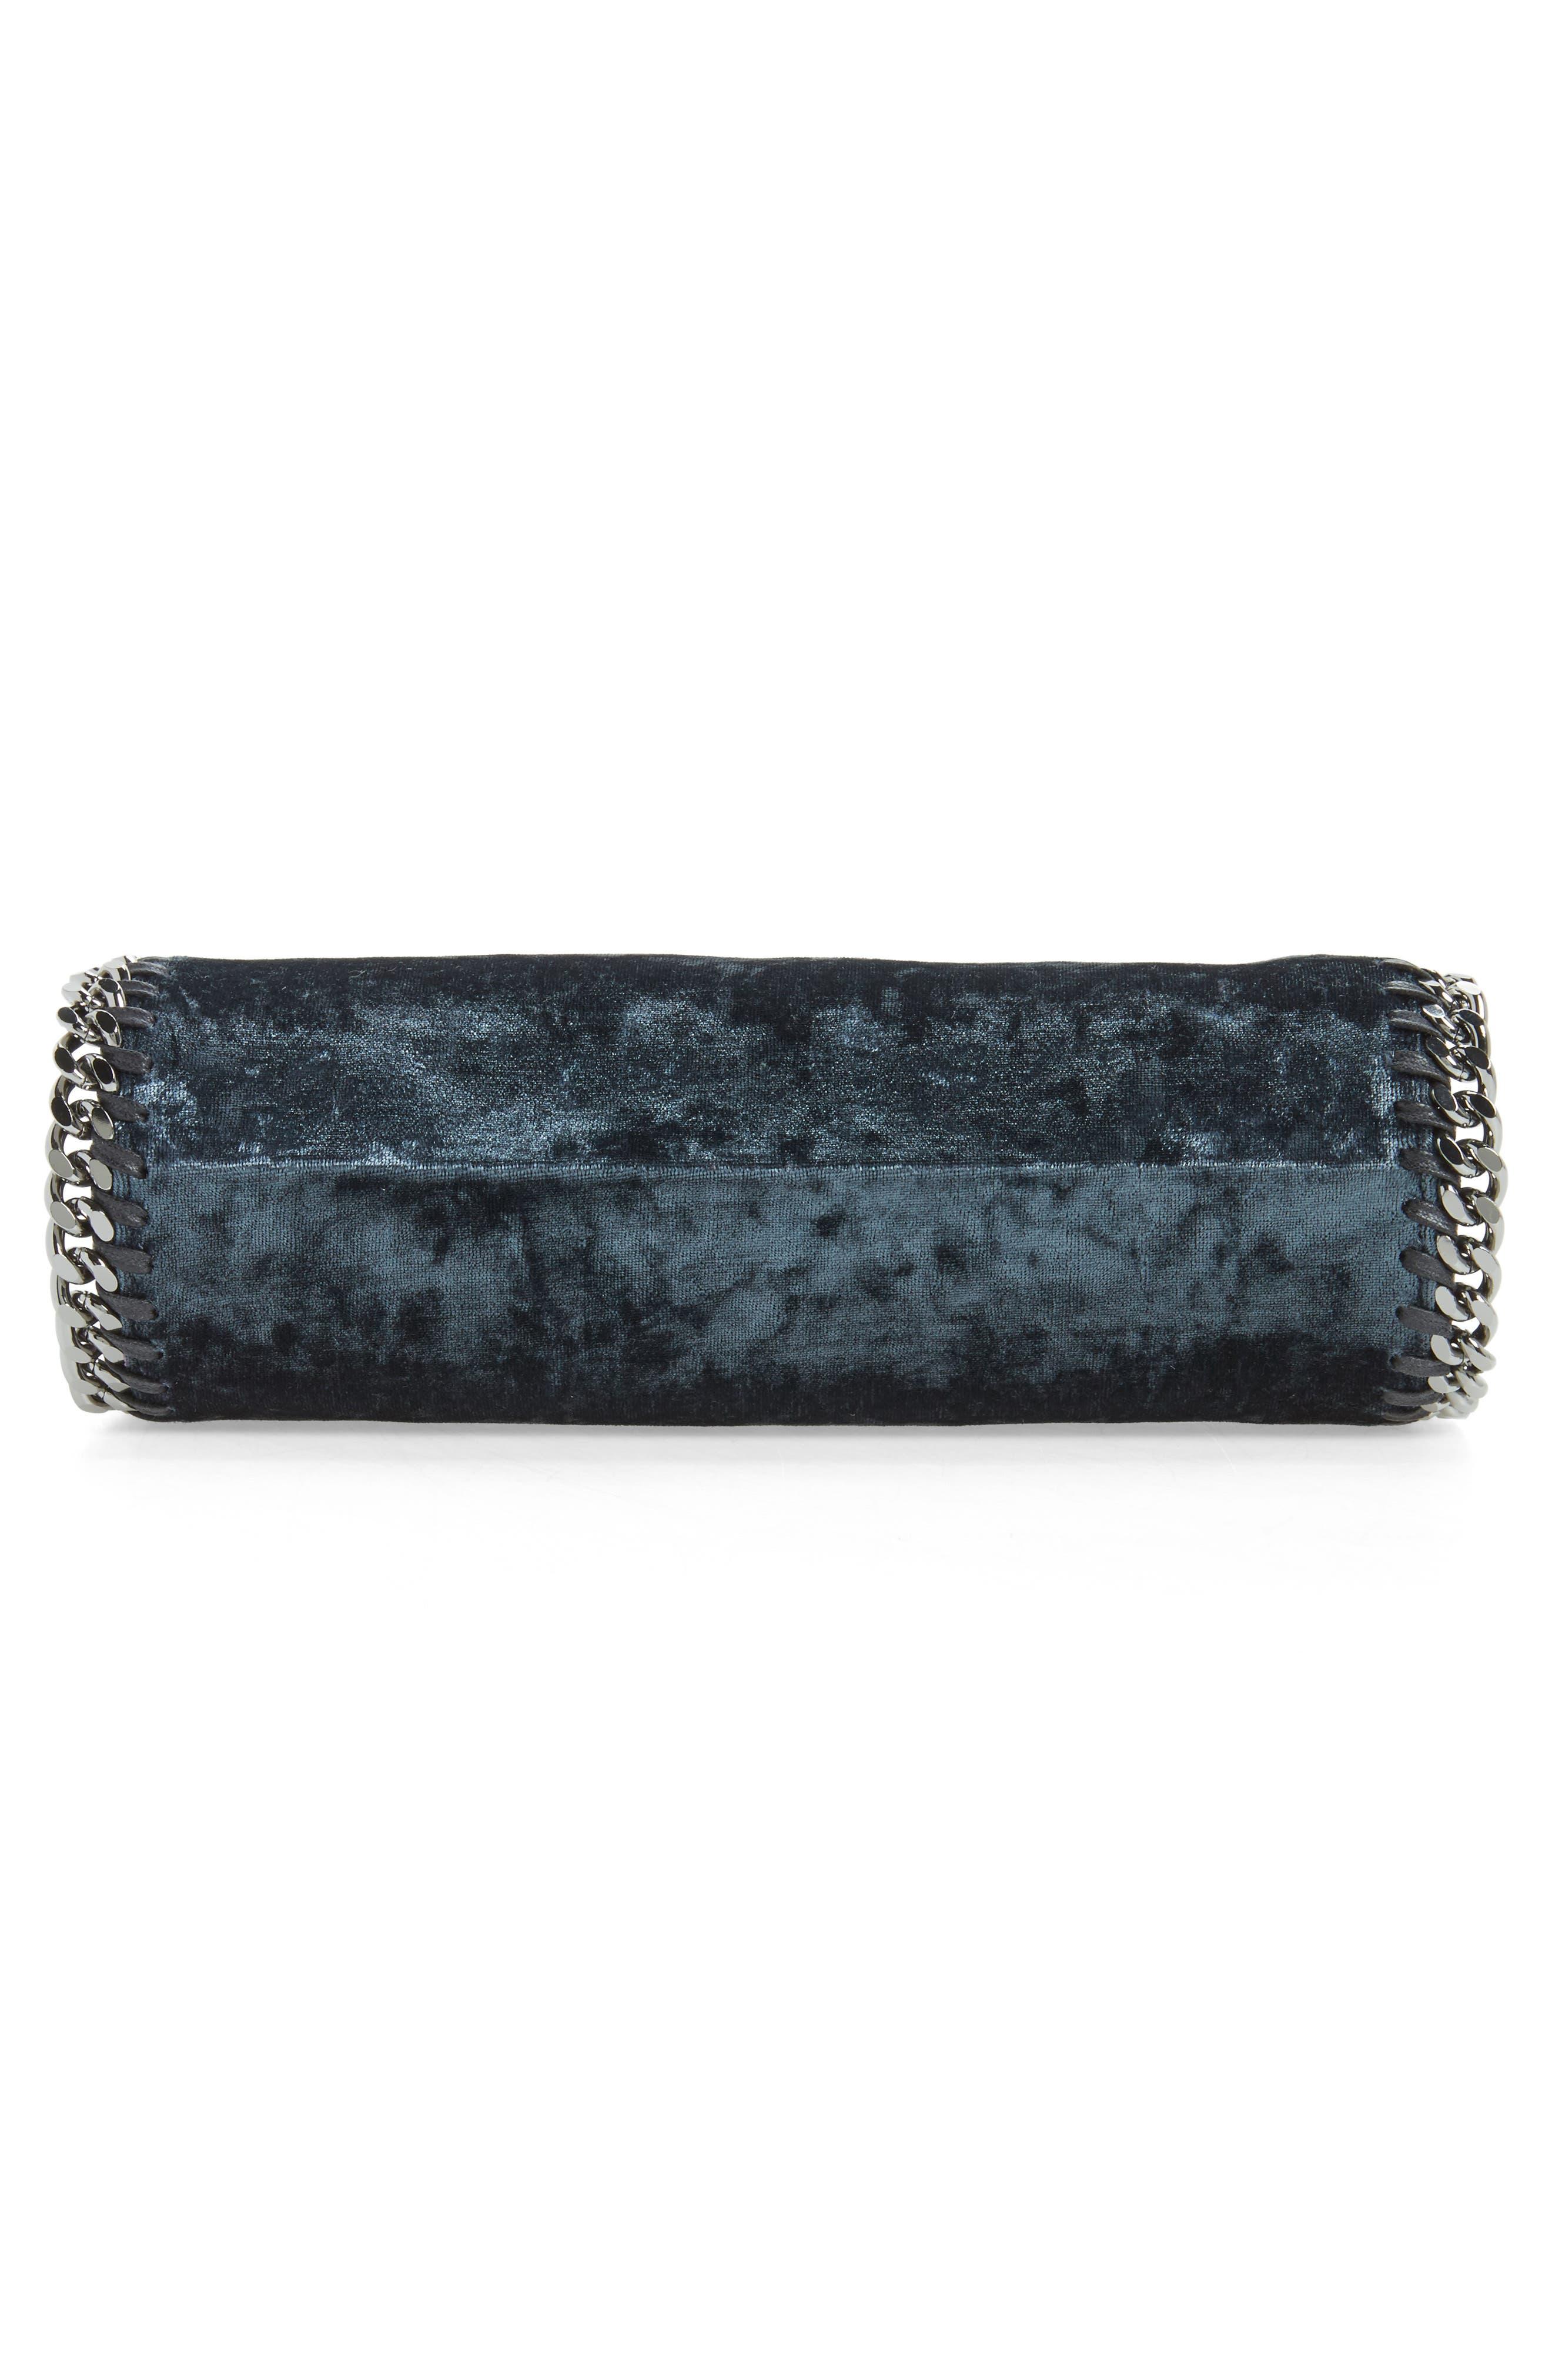 Mini Falabella Crushed Velvet Bag,                             Alternate thumbnail 6, color,                             032